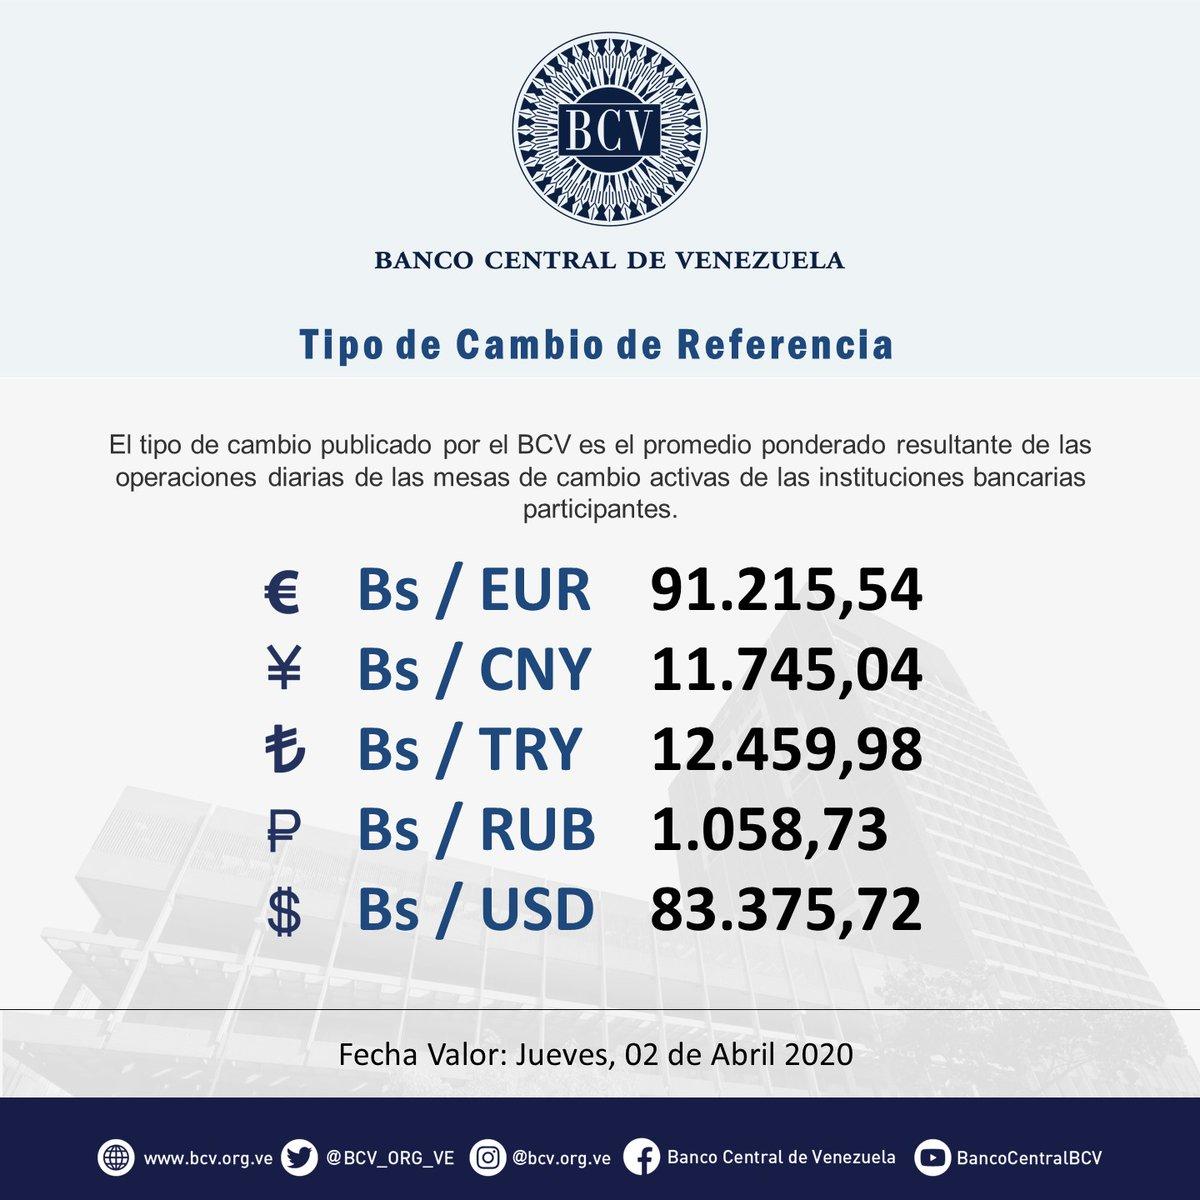 Atención|| El tipo de cambio publicado por el BCV es el promedio ponderado de las operaciones de las mesas de cambio de las instituciones bancarias. Al cierre de la jornada del miércoles 01-04-2020, los resultados son:  #MercadoCambiario #BCVpic.twitter.com/9Hc1Le9jlZ